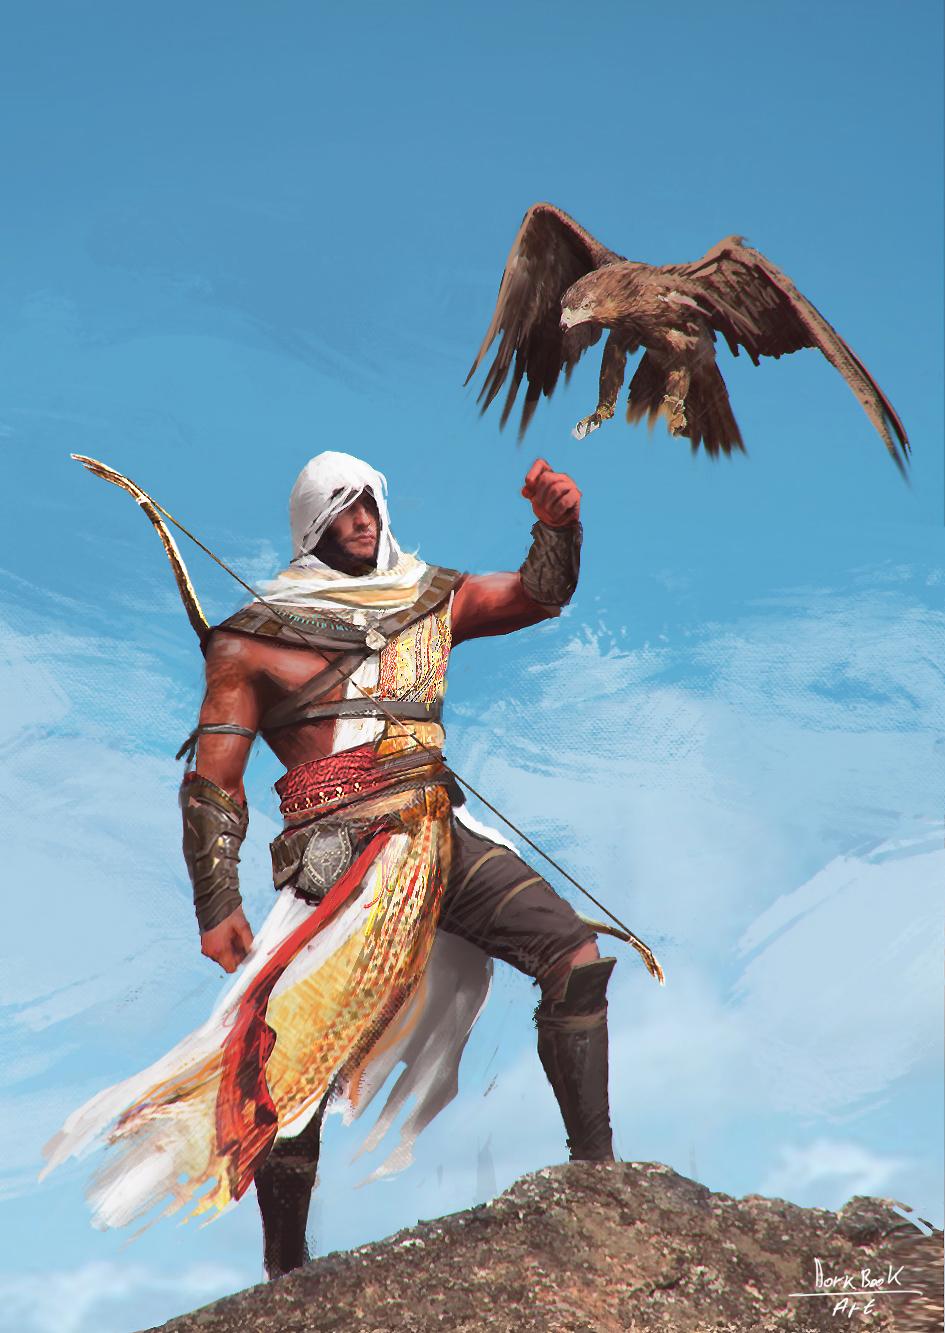 Assassin S Creed Origins Bayek By Wert23 On Deviantart